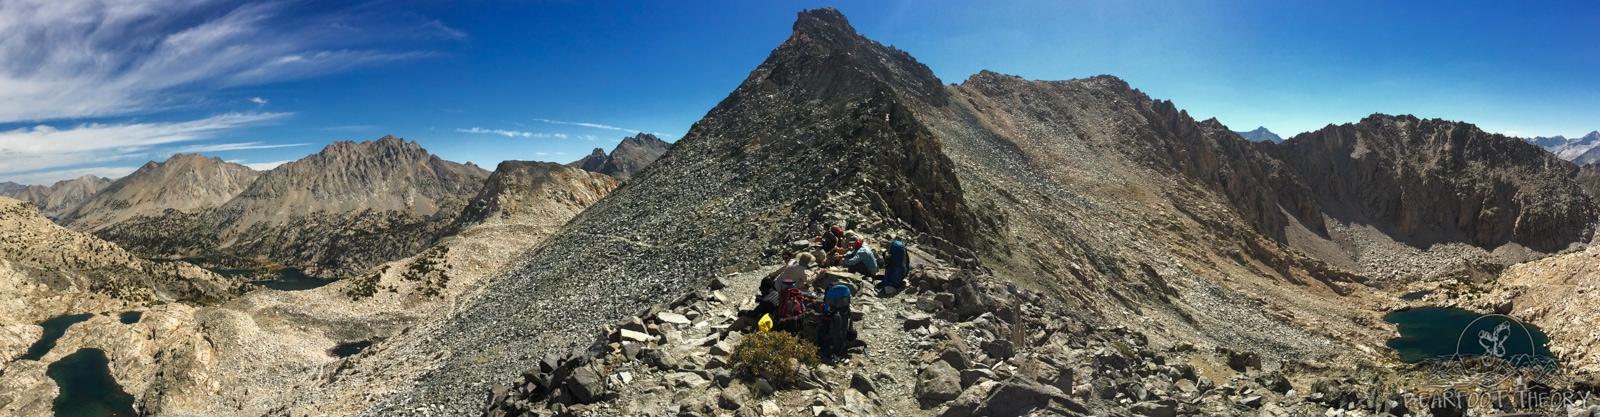 John Muir Trail - Panoramic view from Glen Pass